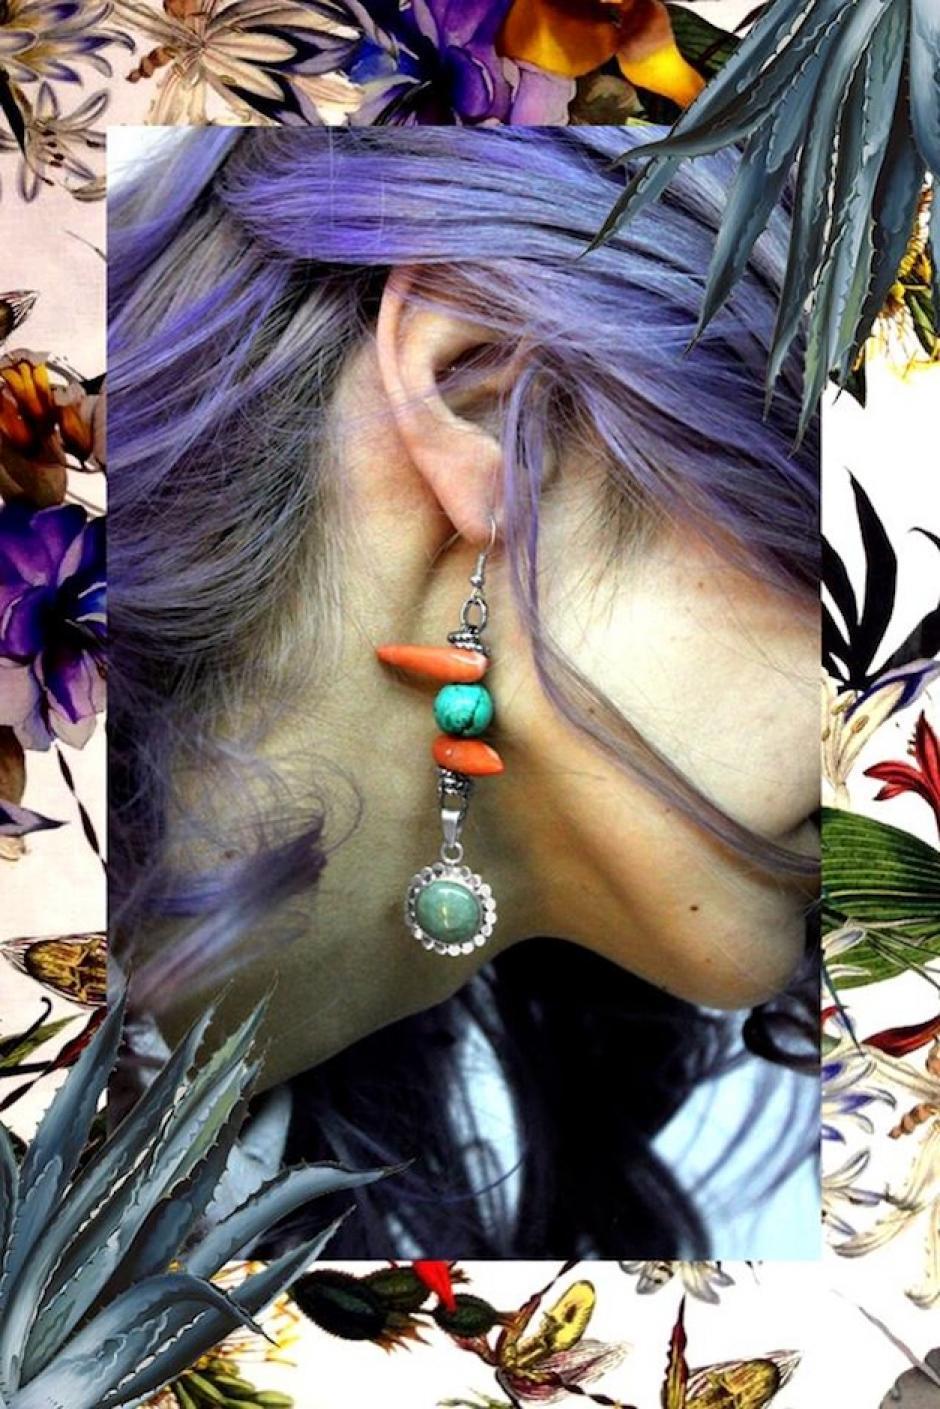 """Aretes de jade princesa montados en una flor de plata llamados """"Suave tu enorme tristeza"""". (Foto: Escarlata oficial)"""